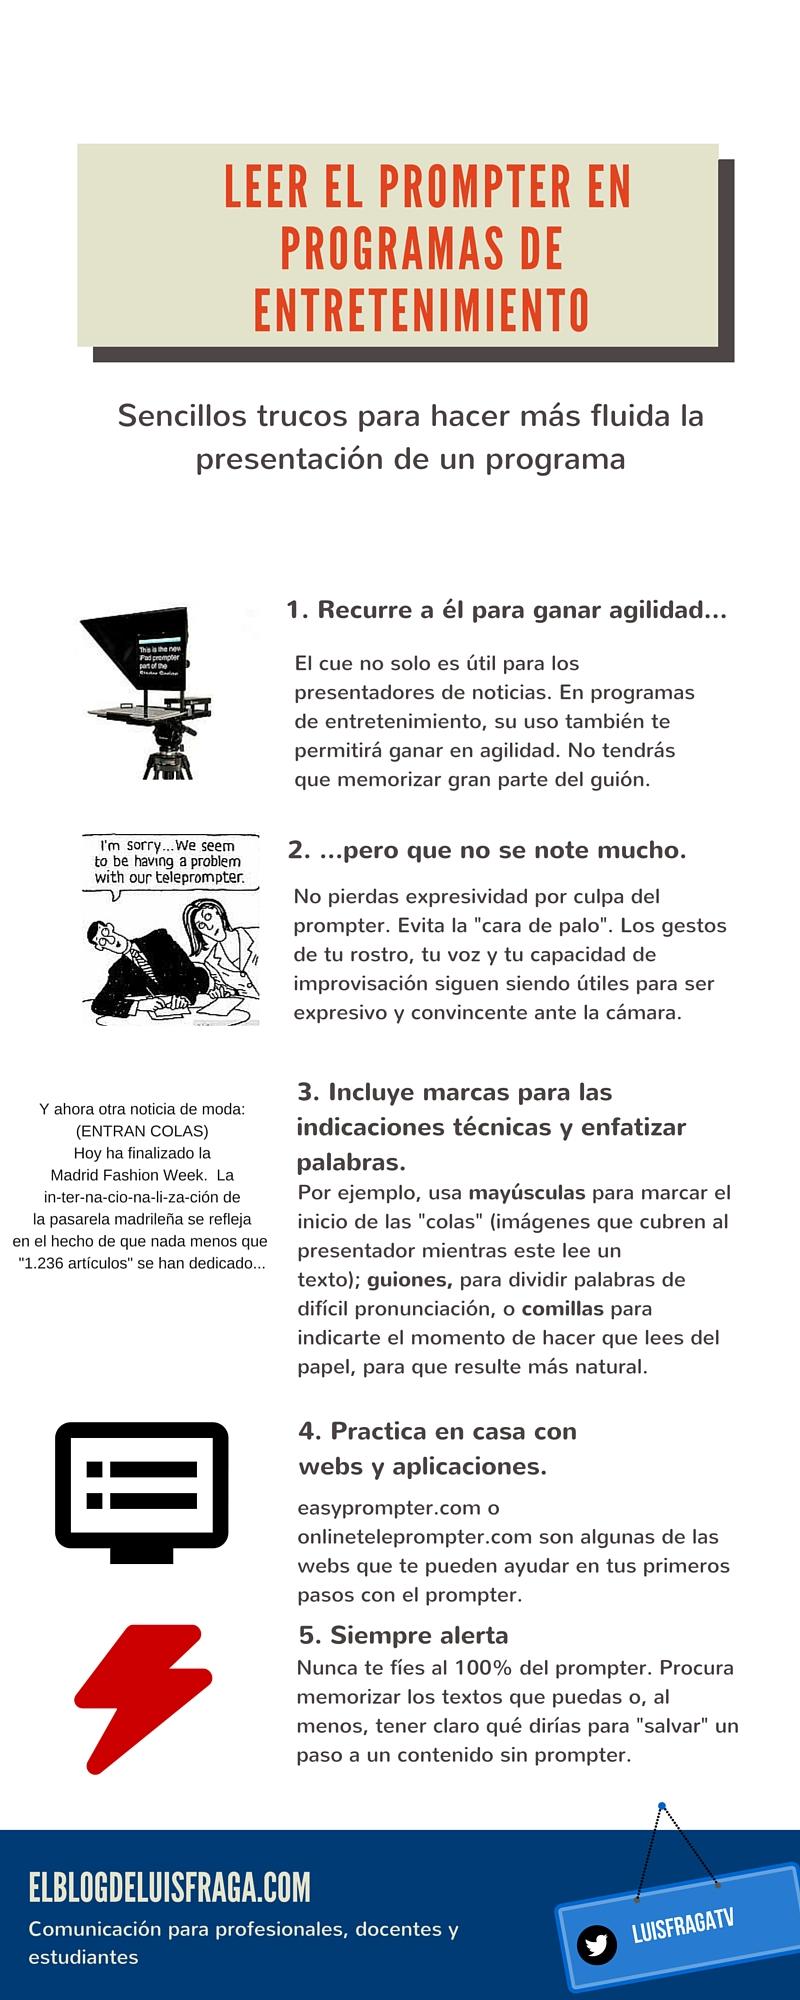 cinco consejos para leer el prompter en programas de entretenimiento.jpg